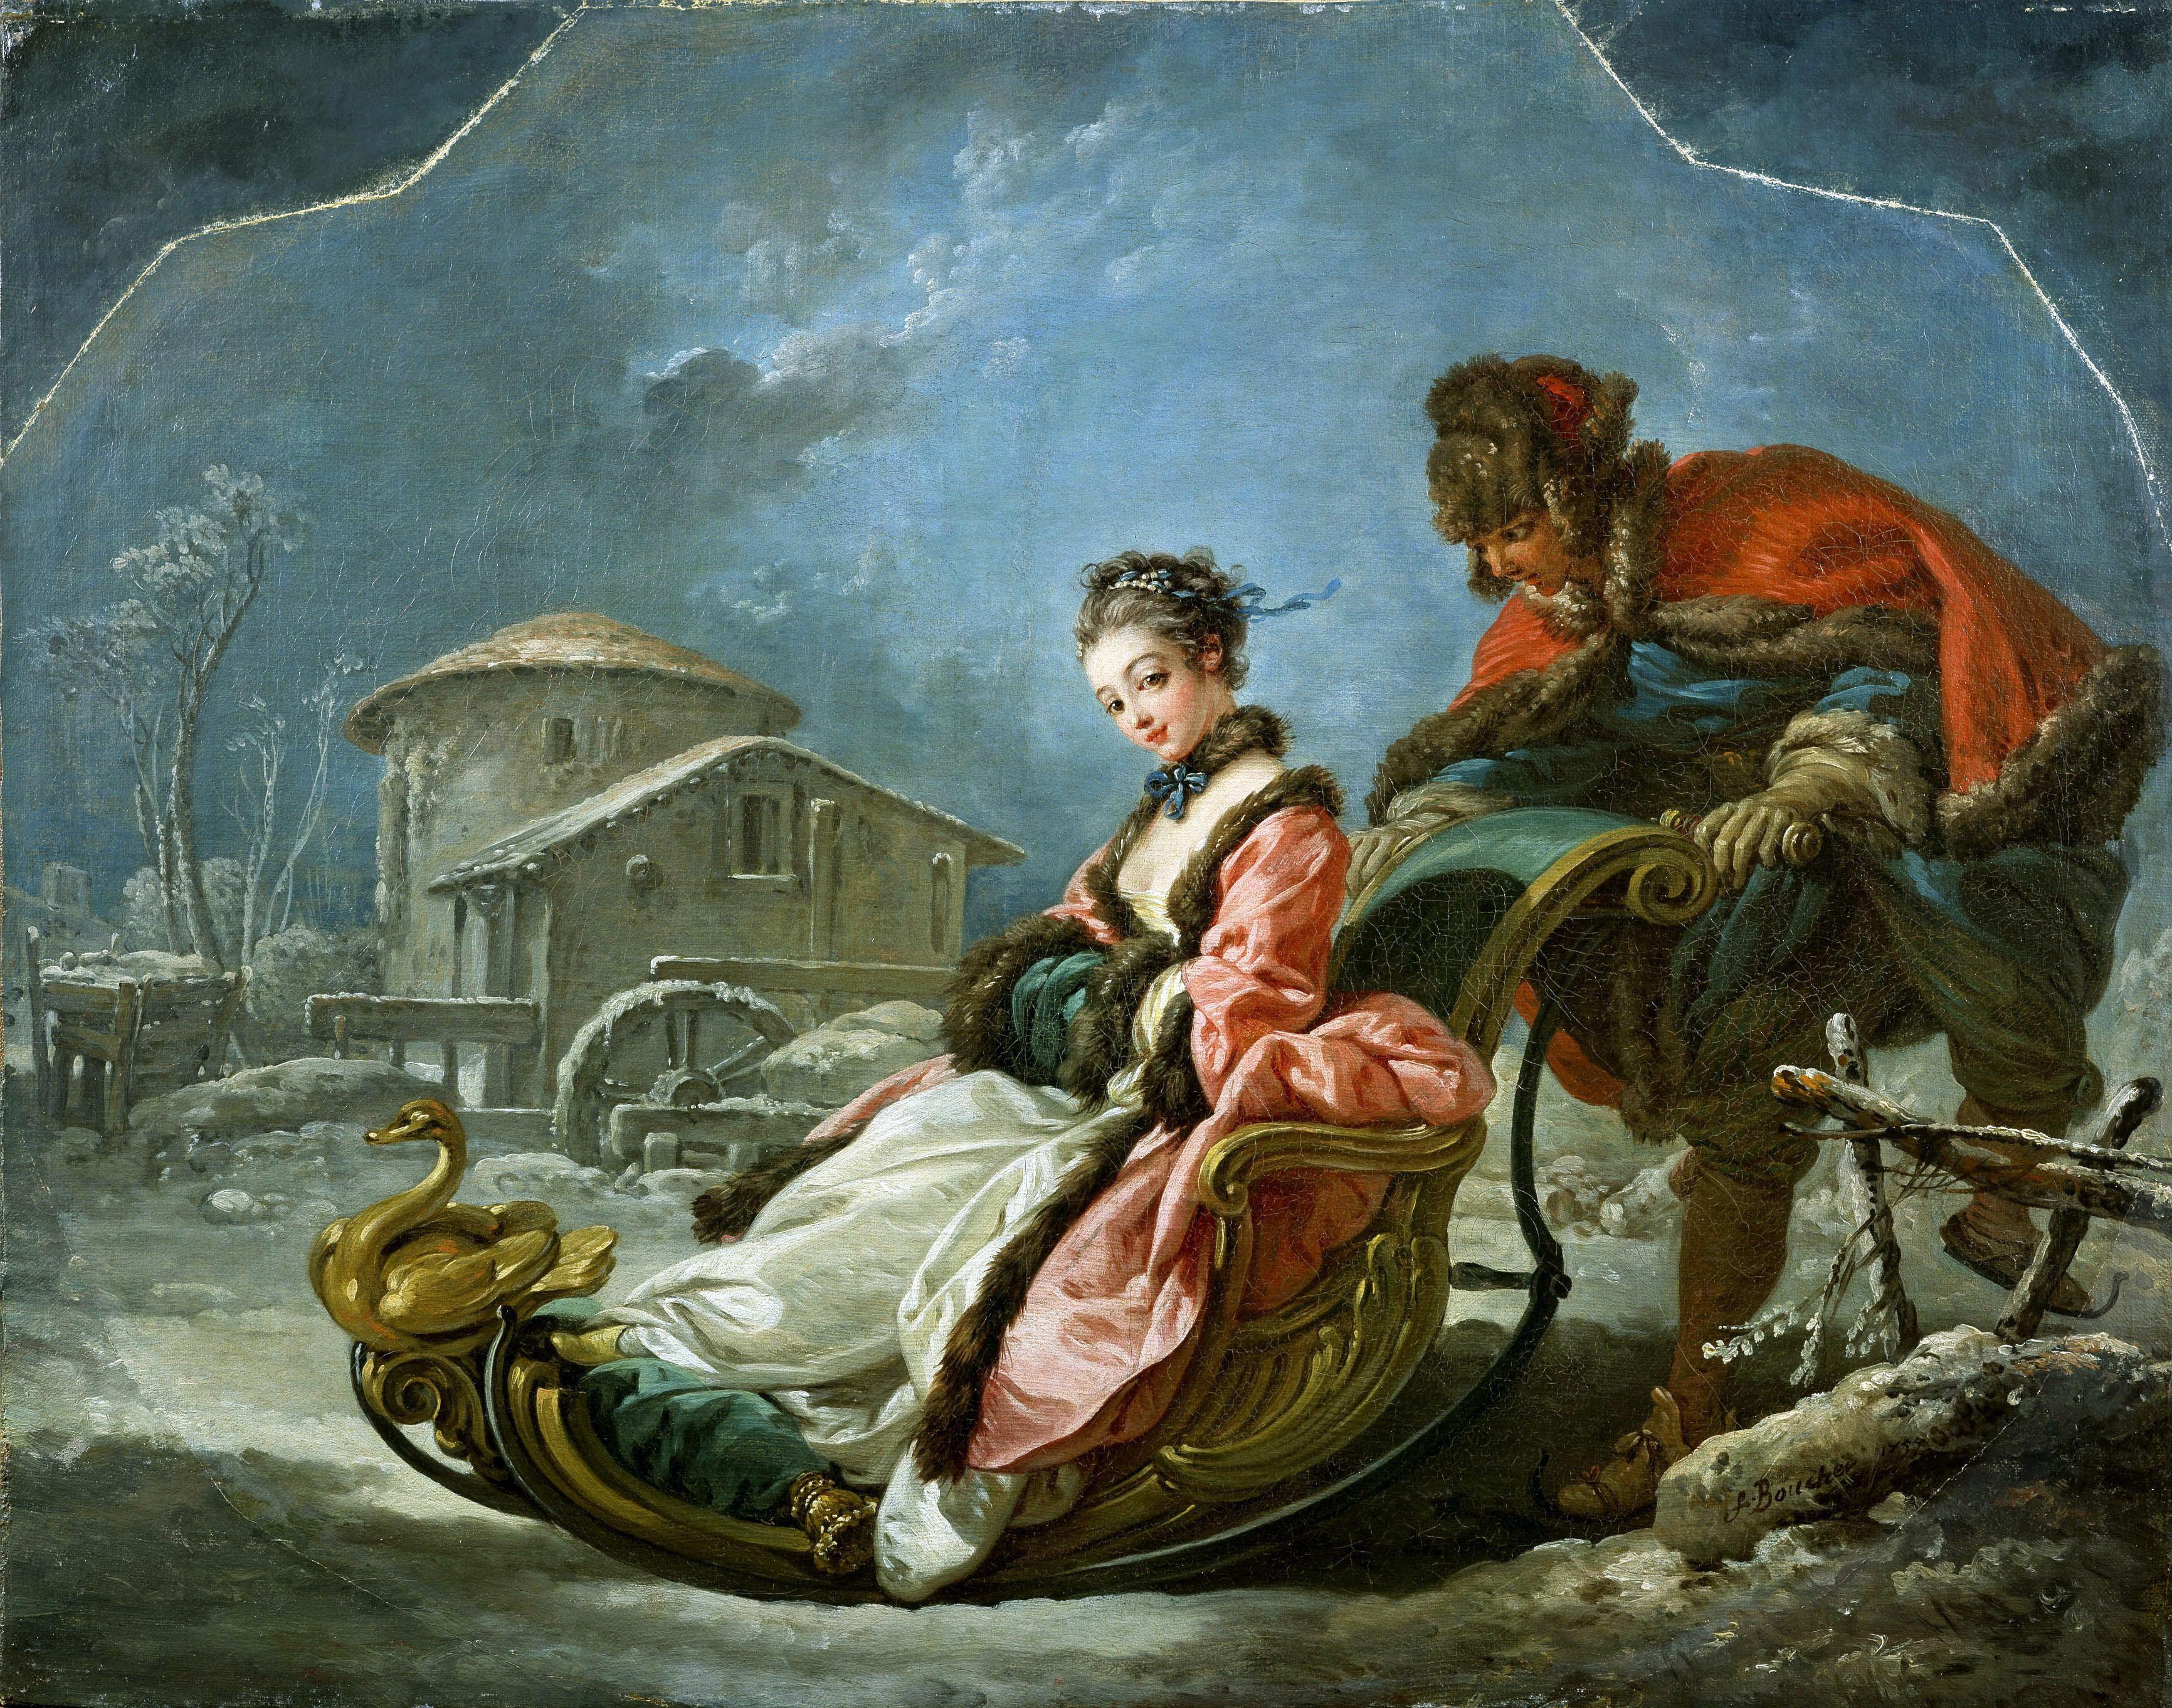 Ezt a festményt Madame de Pompadour rendelte meg. Vajon kitől?